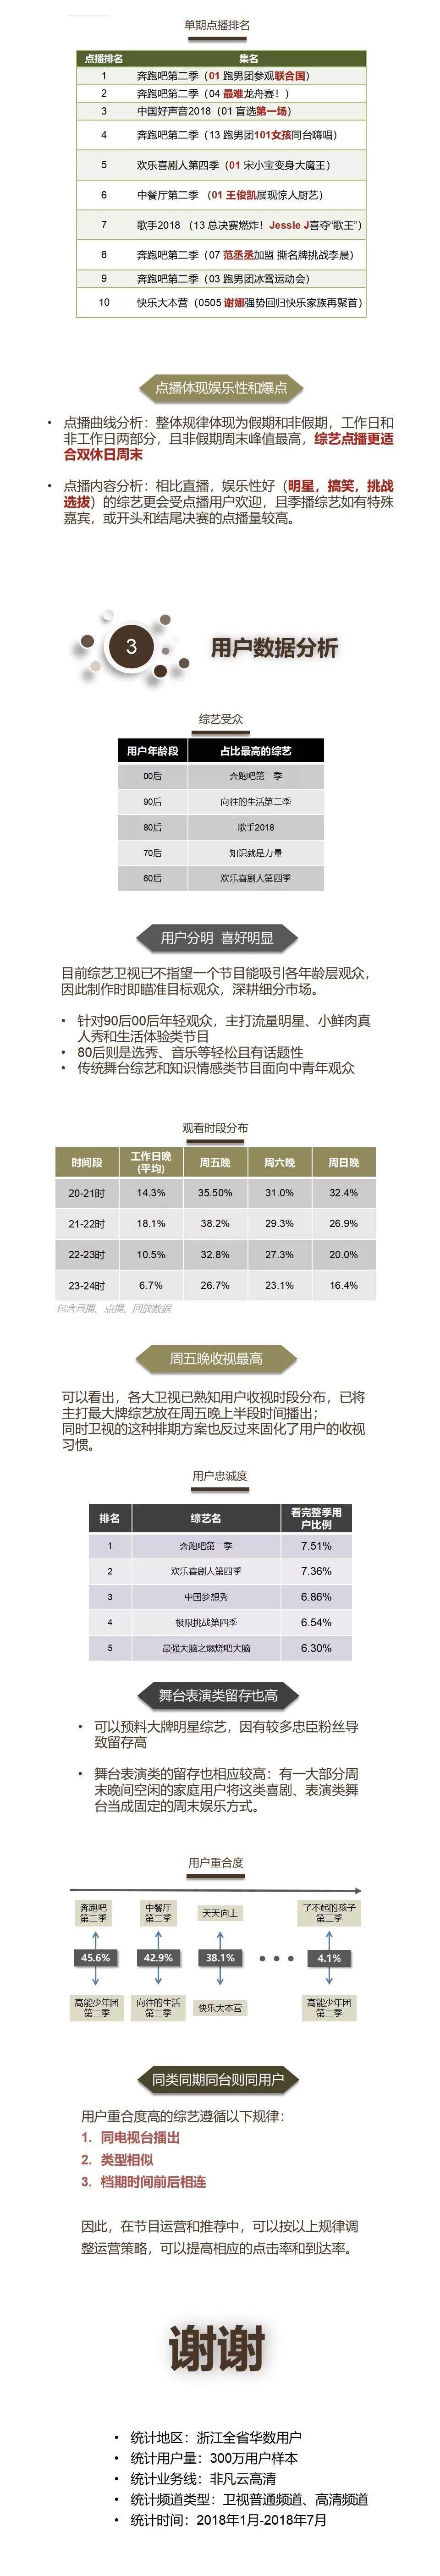 上半年热播电视综艺榜单揭晓,浙江用户最爱综艺C位出道